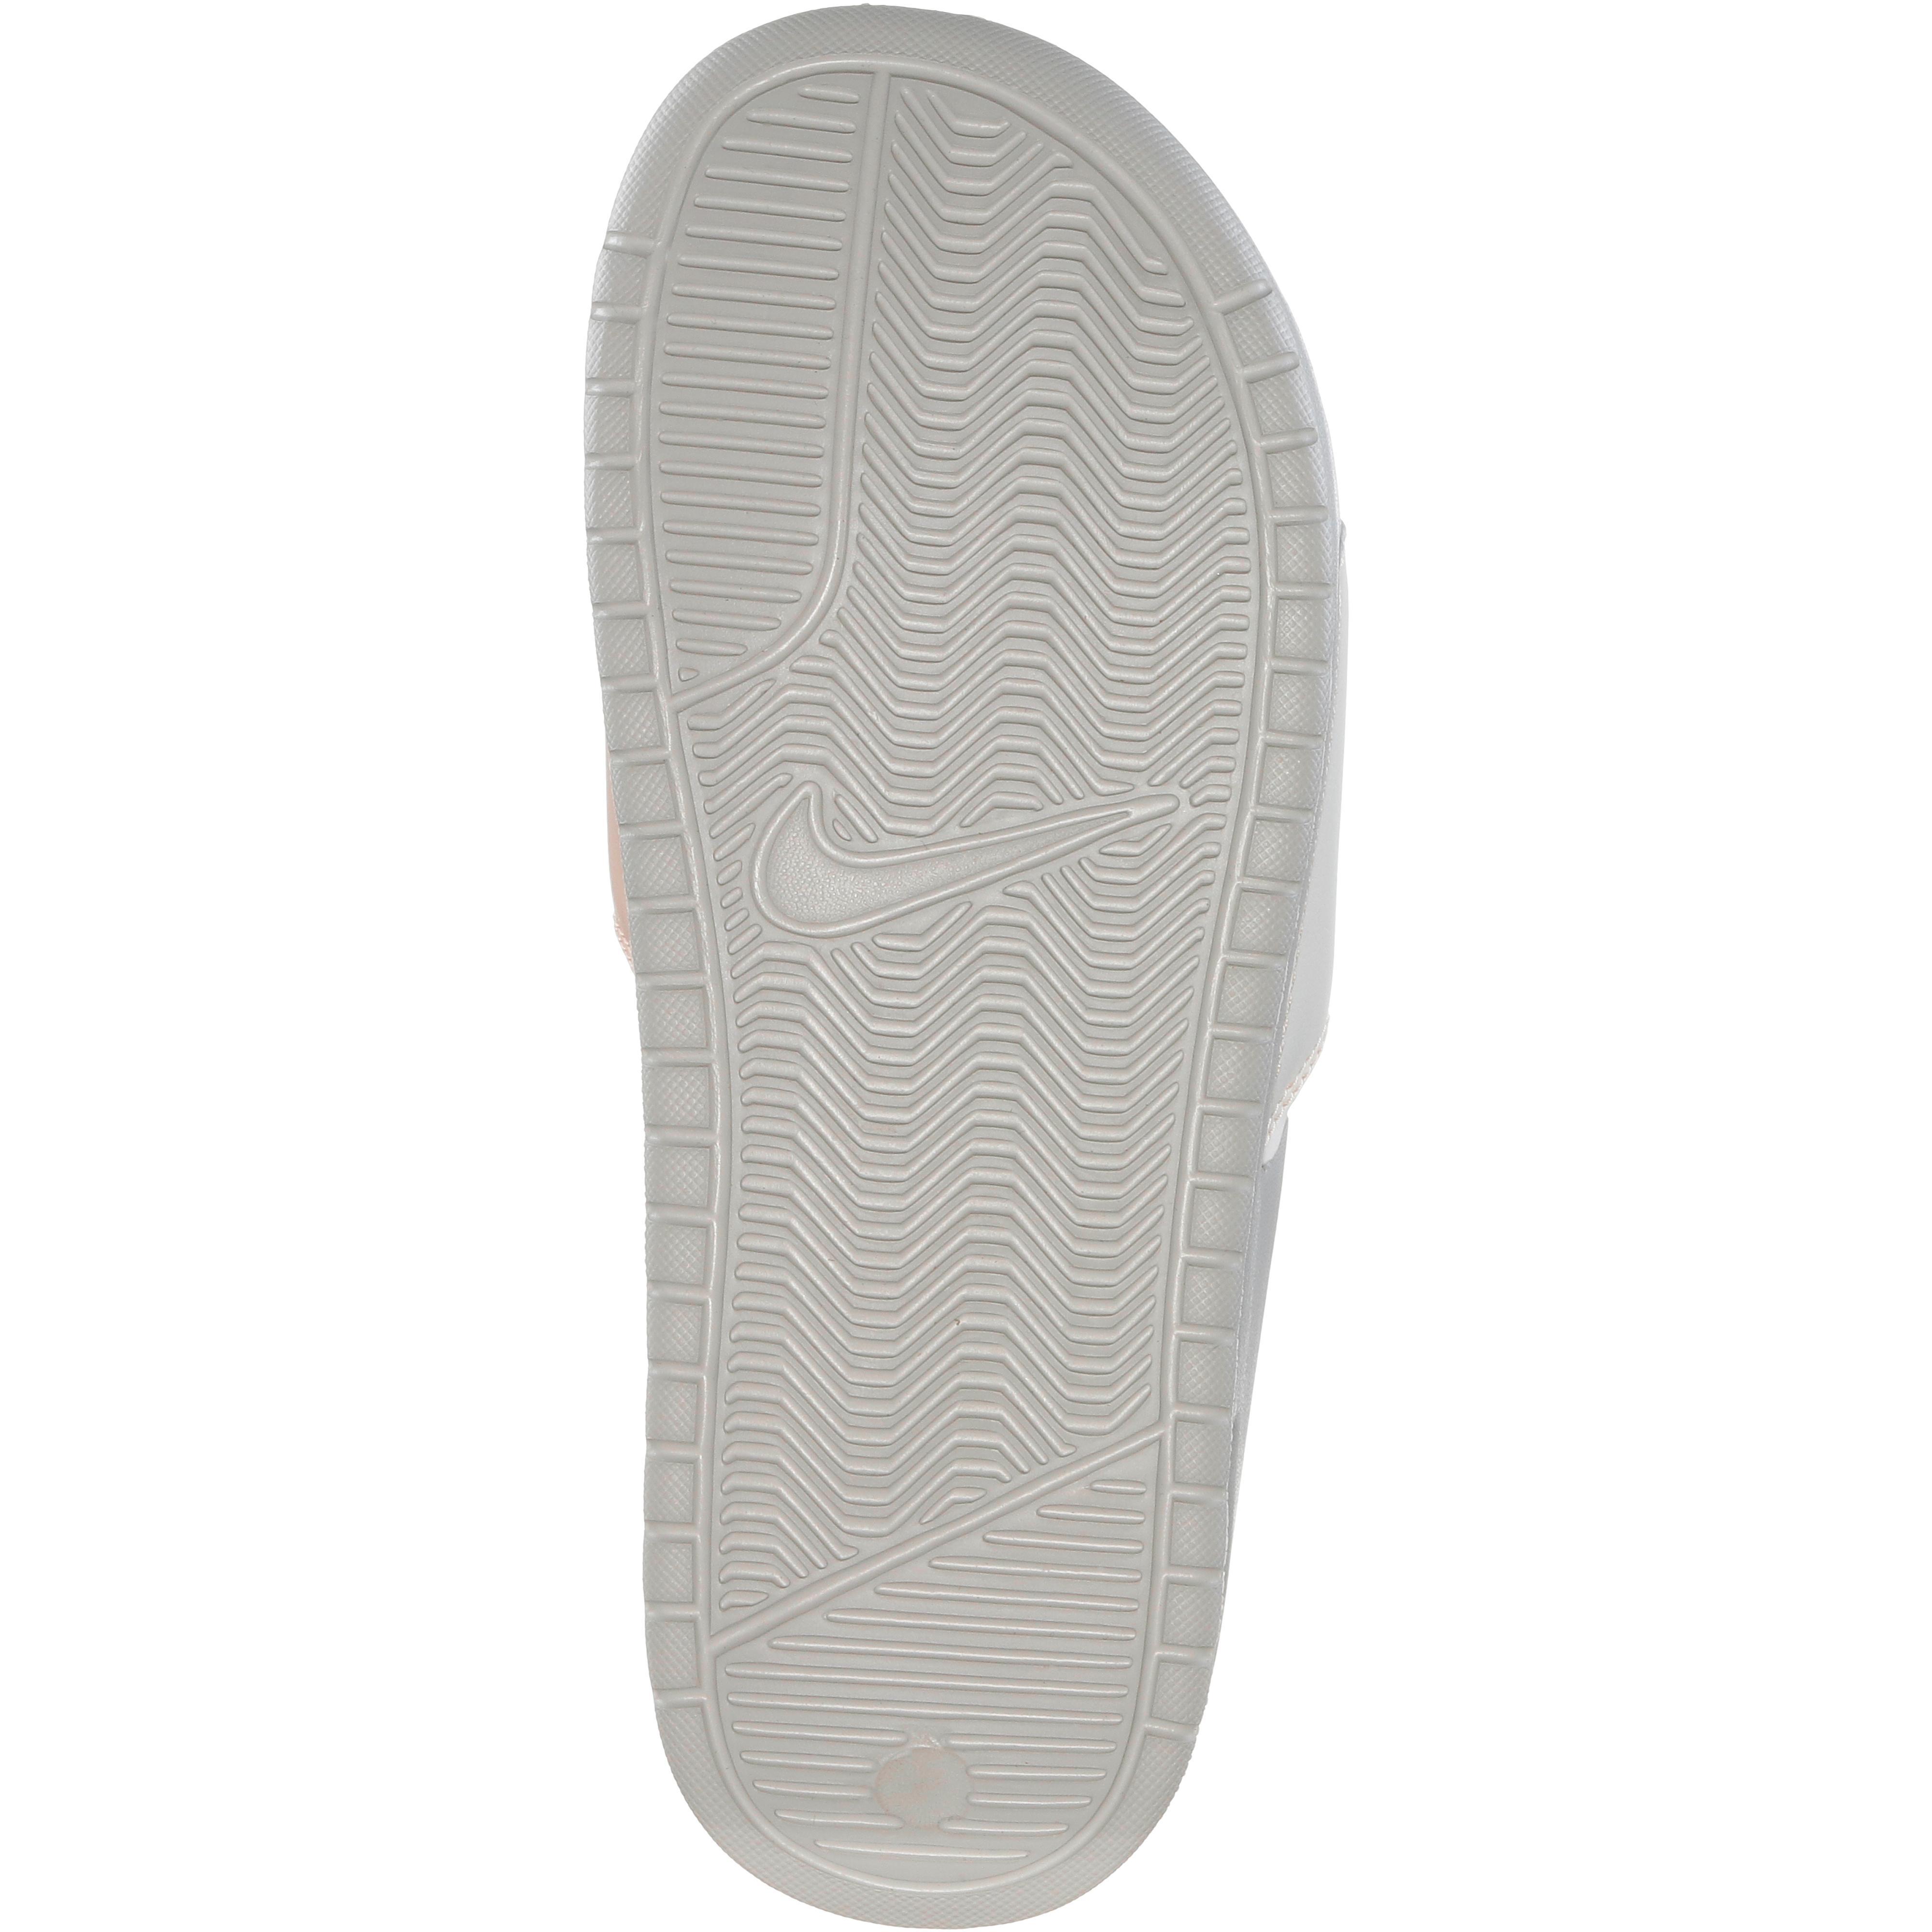 Nike Slides BENASSI Badelatschen Damen light light light bone im Online Shop von SportScheck kaufen Gute Qualität beliebte Schuhe 745e56